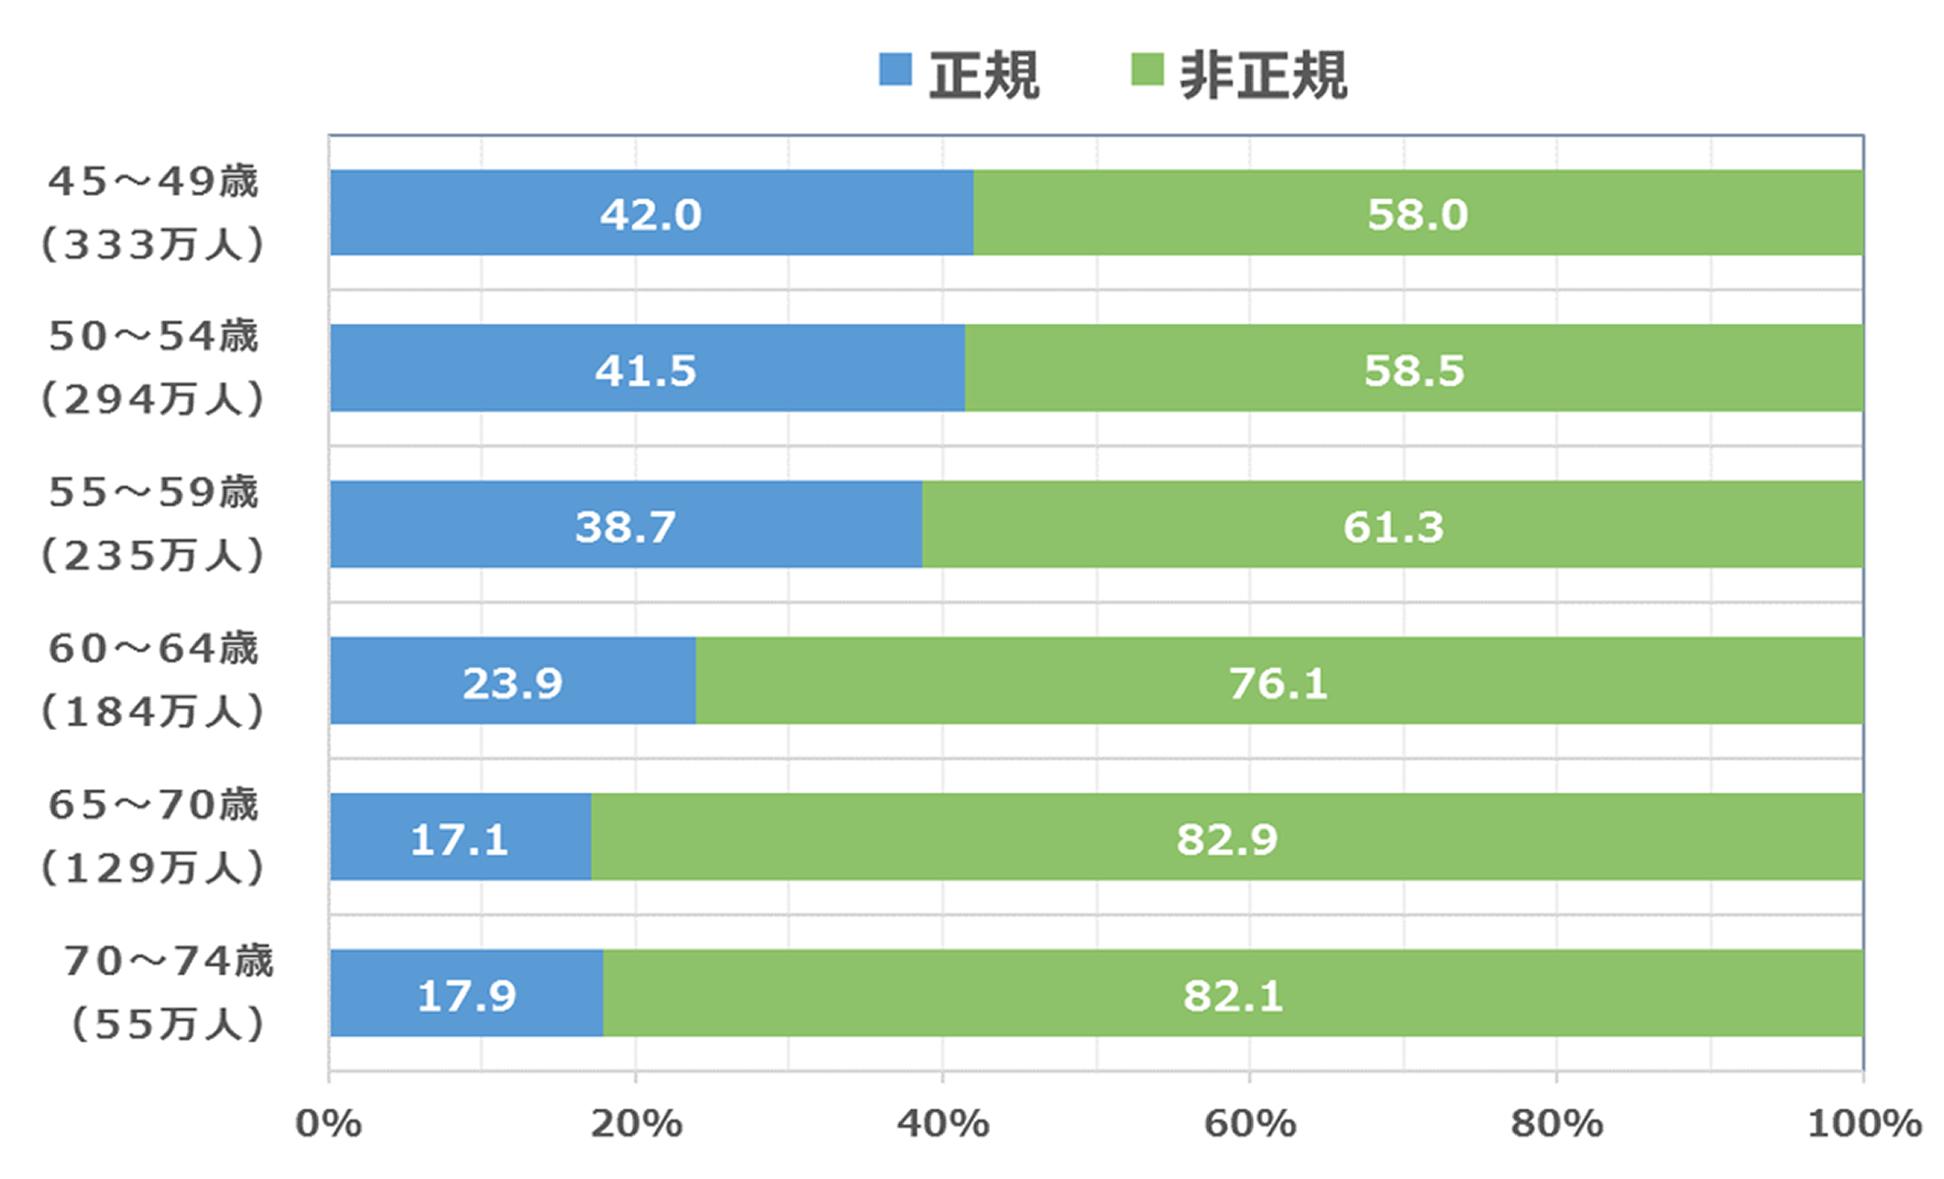 図4:女性45歳以上就業者の正規・非正規構成比率